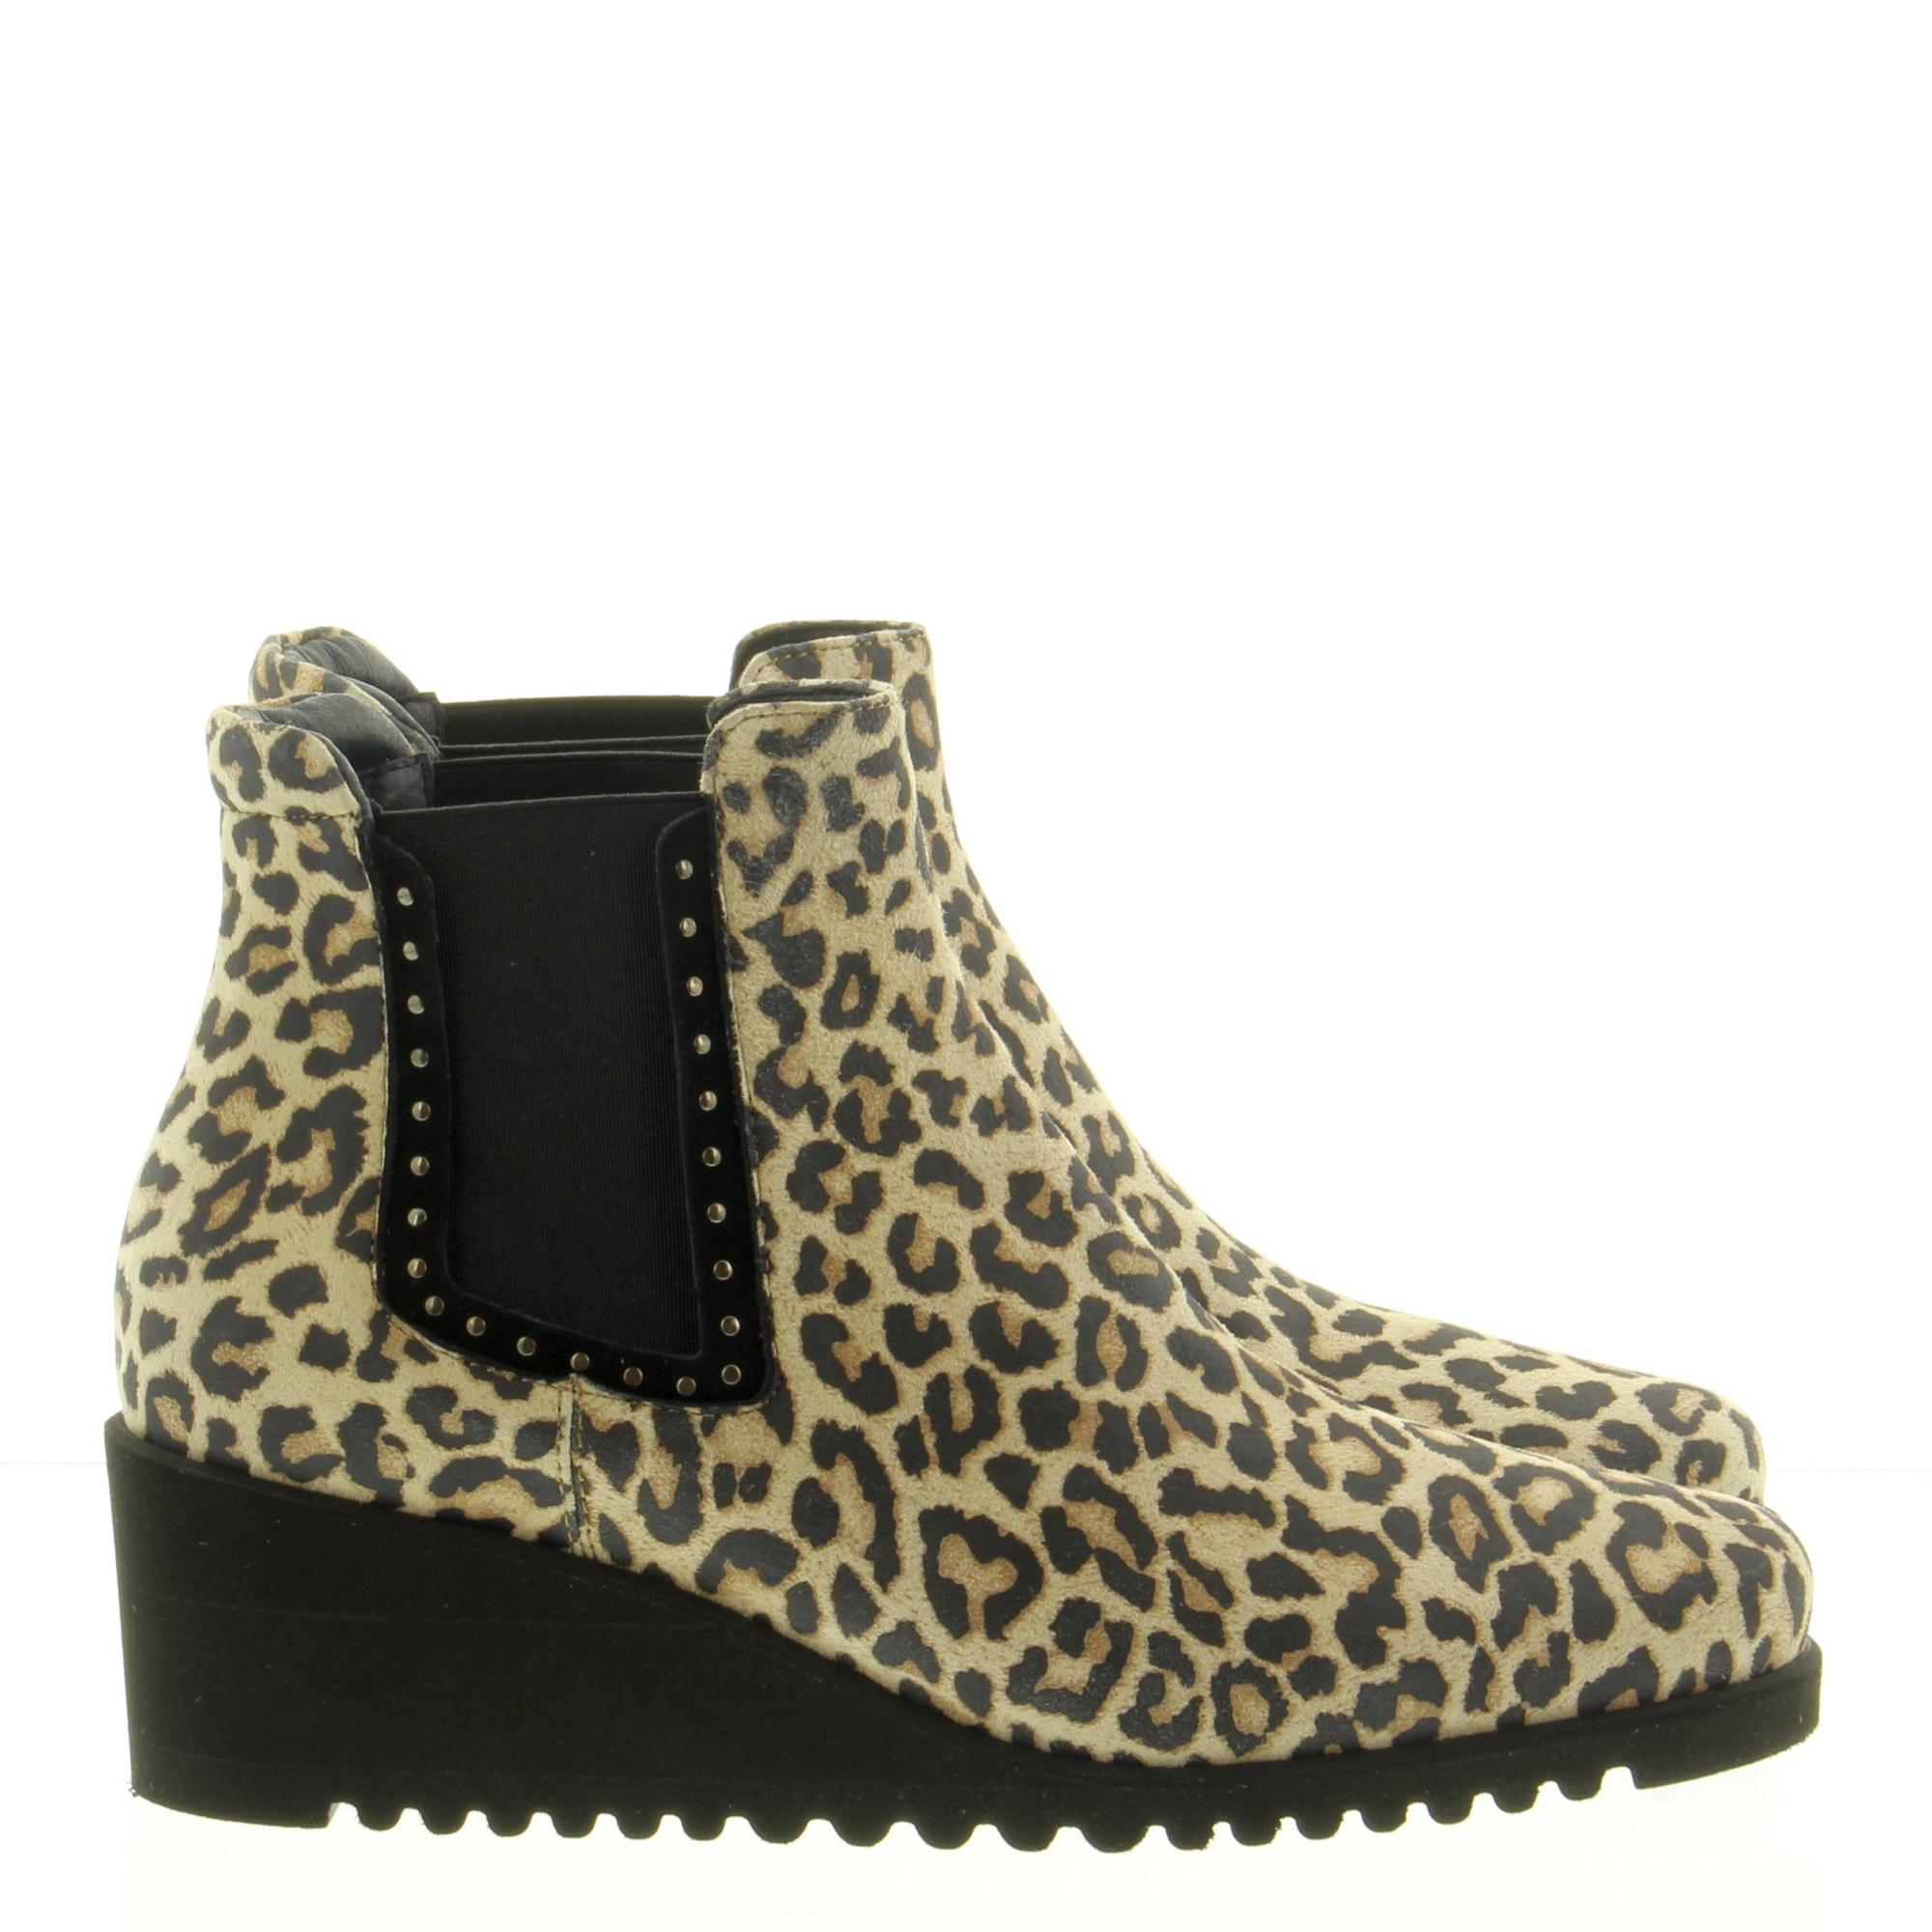 Annalina 2002 06 Leopard